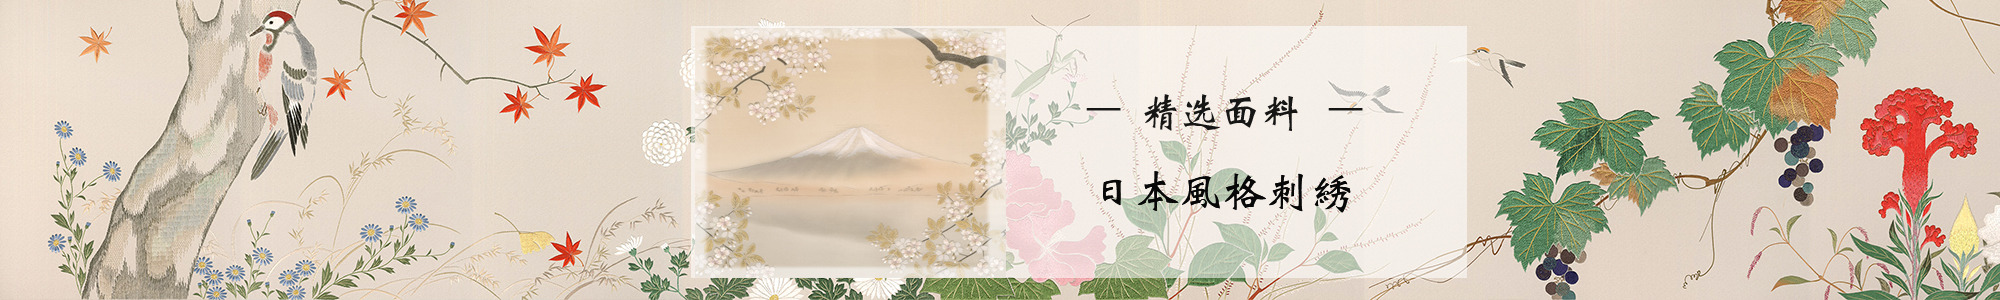 日本风格刺绣